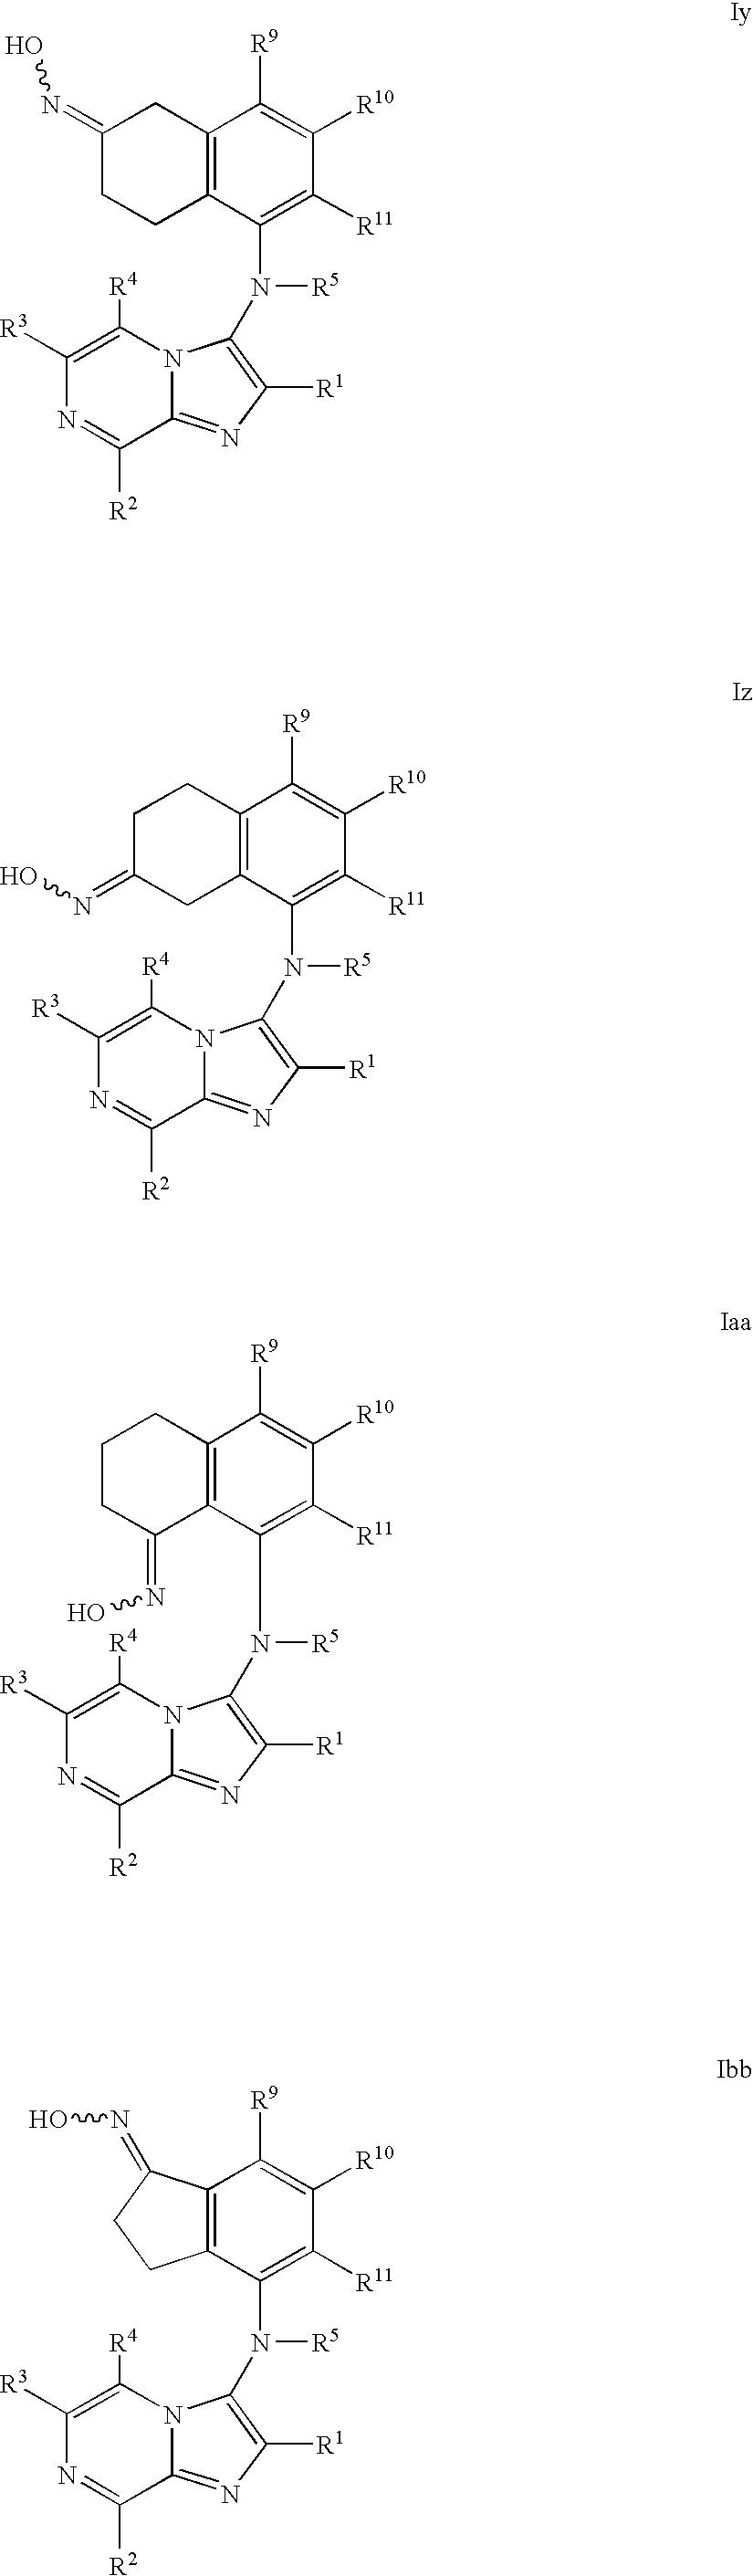 Figure US07566716-20090728-C00130